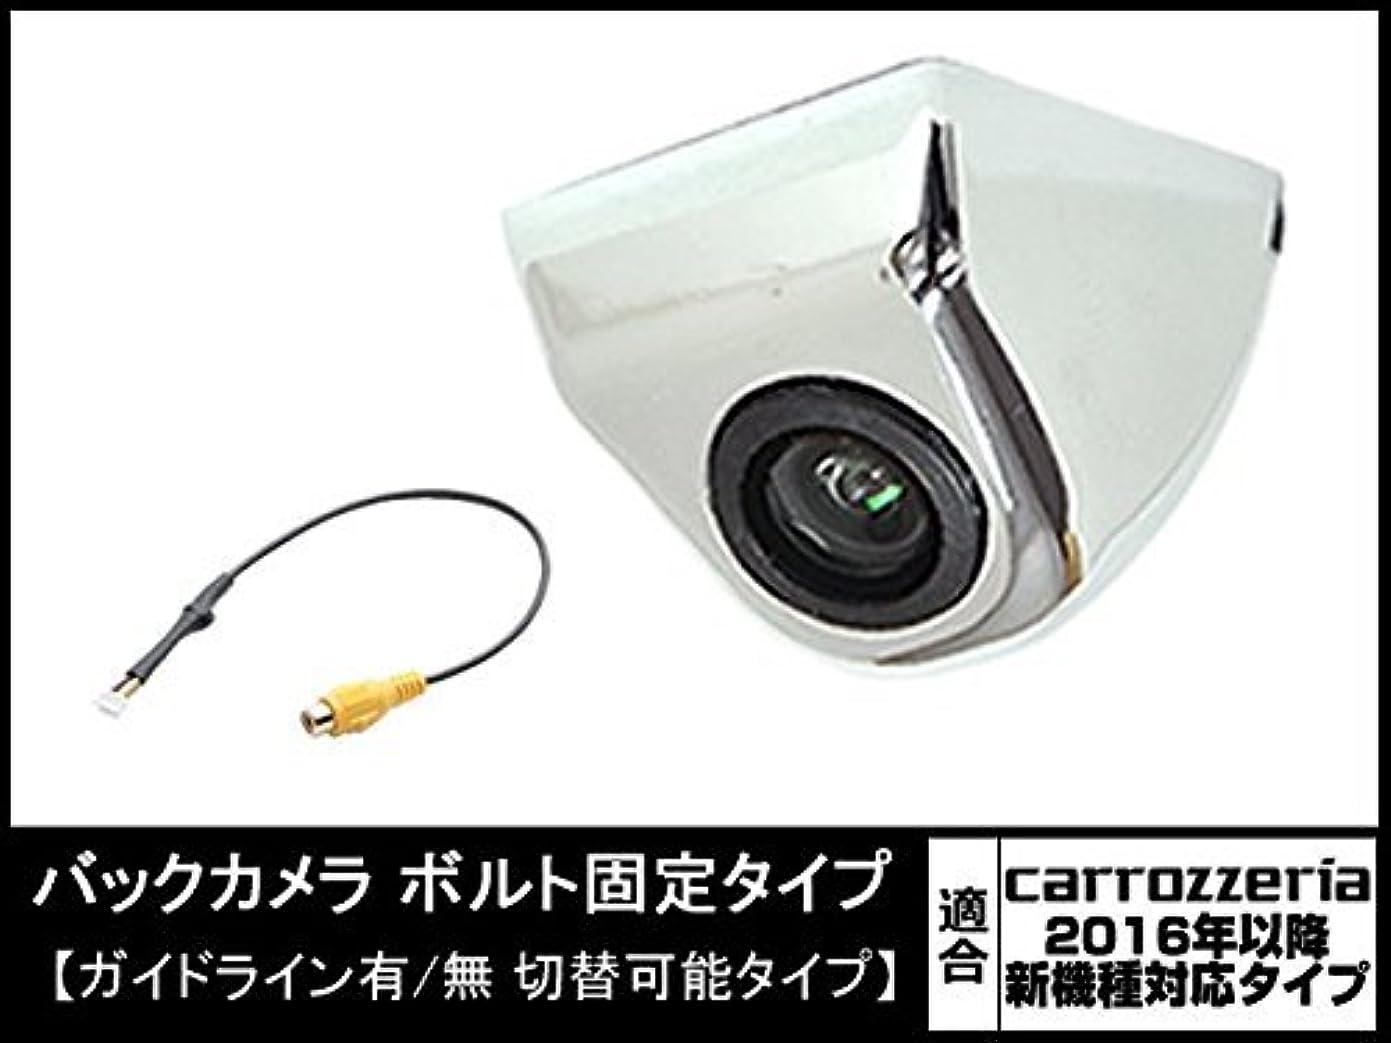 ホップじゃがいも男らしさAVIC-CE901VE 対応 高画質 バックカメラ ボルト固定タイプ シルバー CMOS 車載用 広角170°超高精細 CMOS センサー